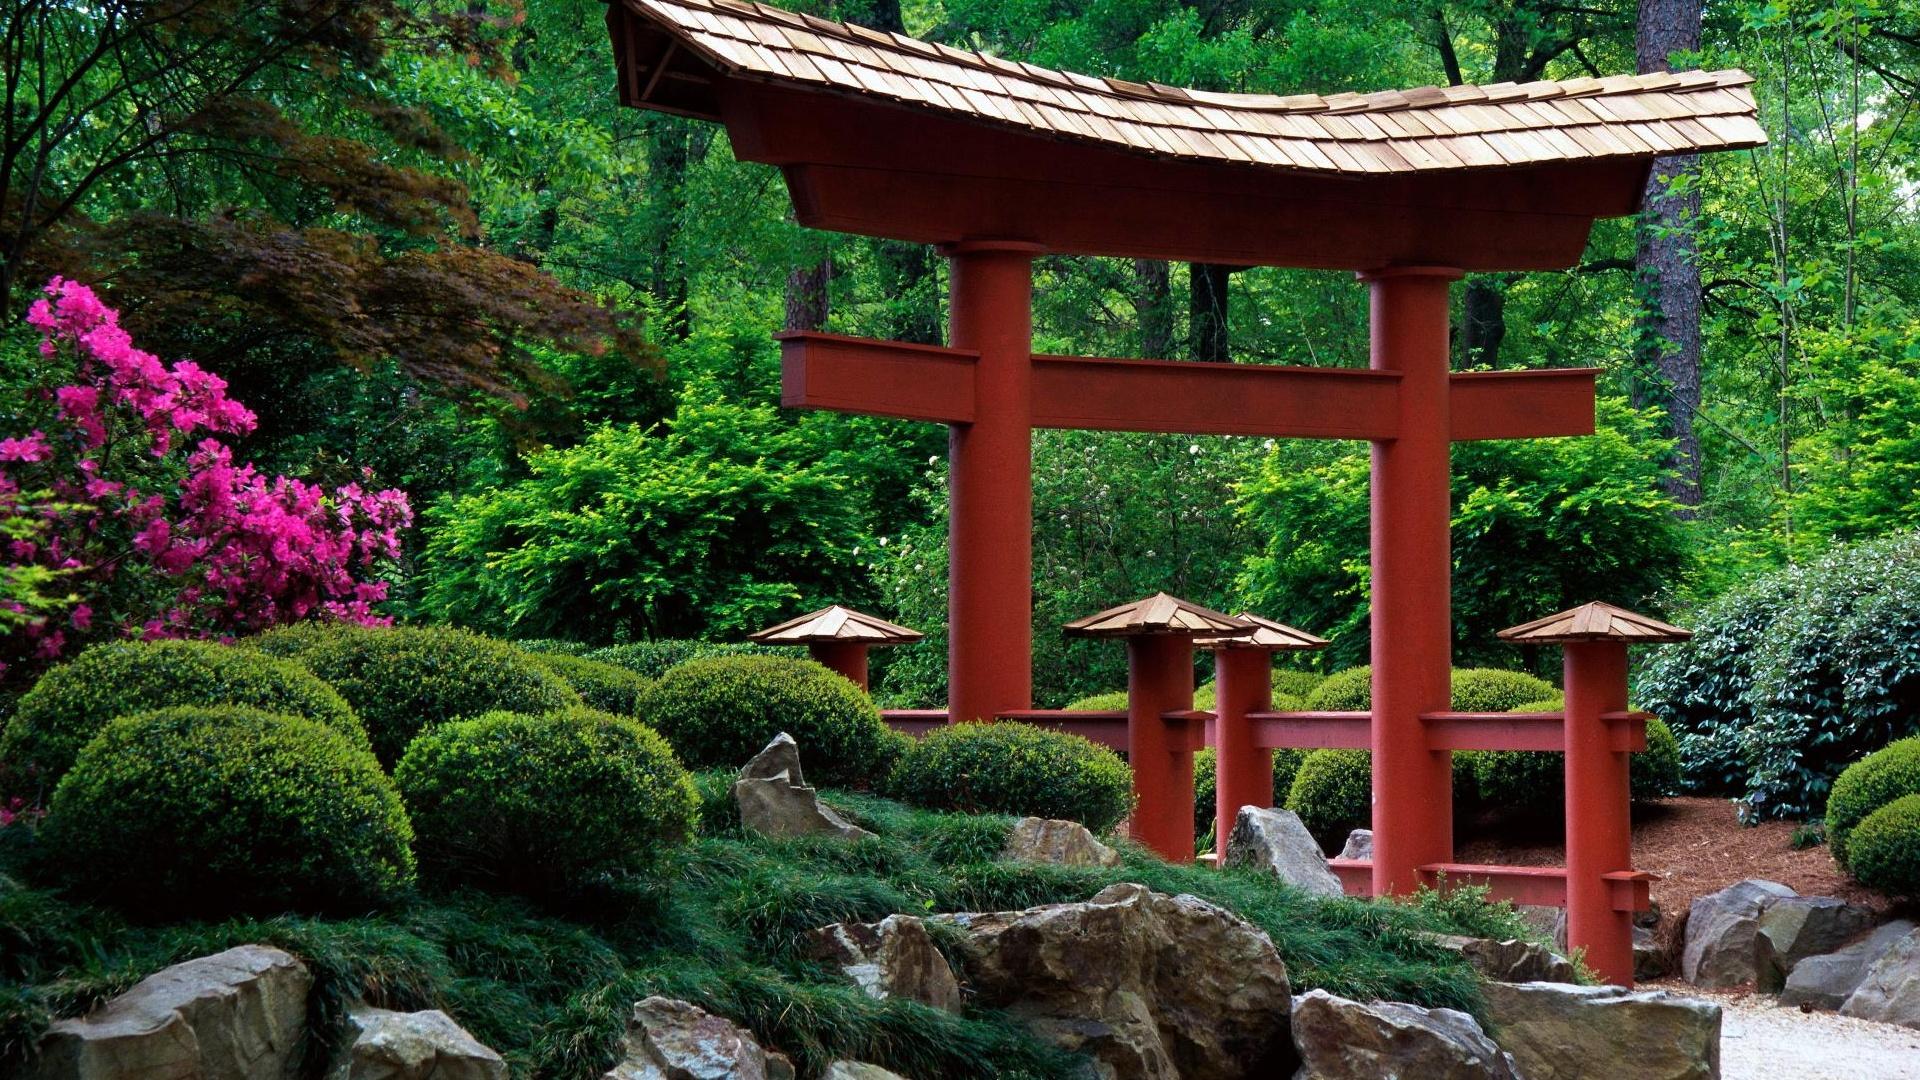 Japan Garden Wallpaper 1920x1080 Japan Garden Asians 1920x1080